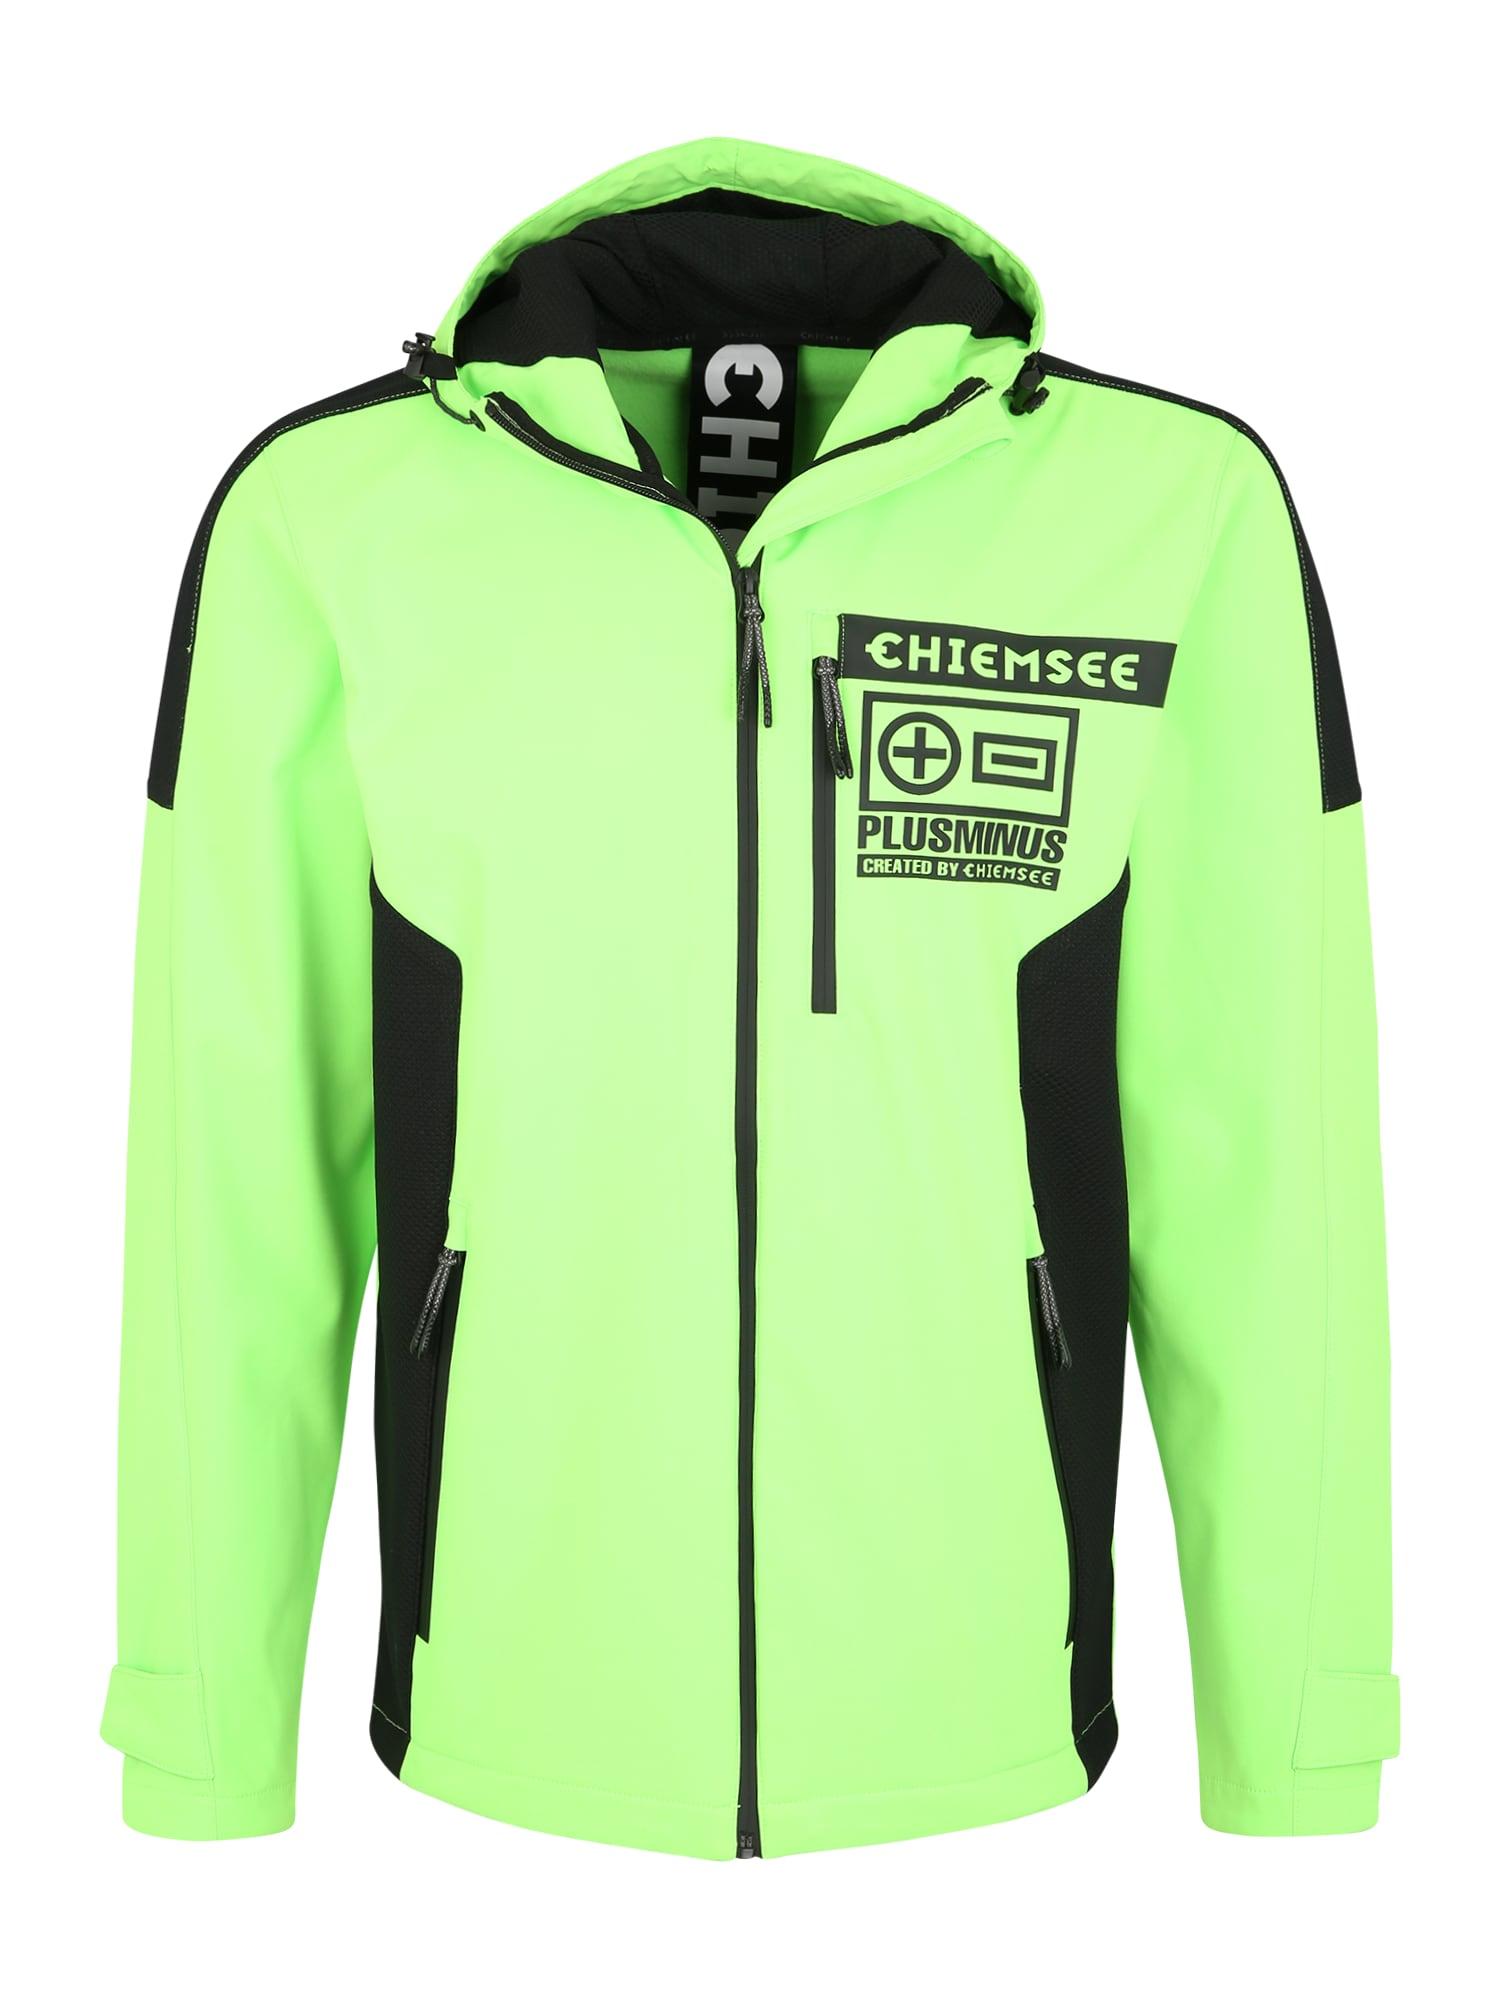 CHIEMSEE Sportinė striukė neoninė žalia